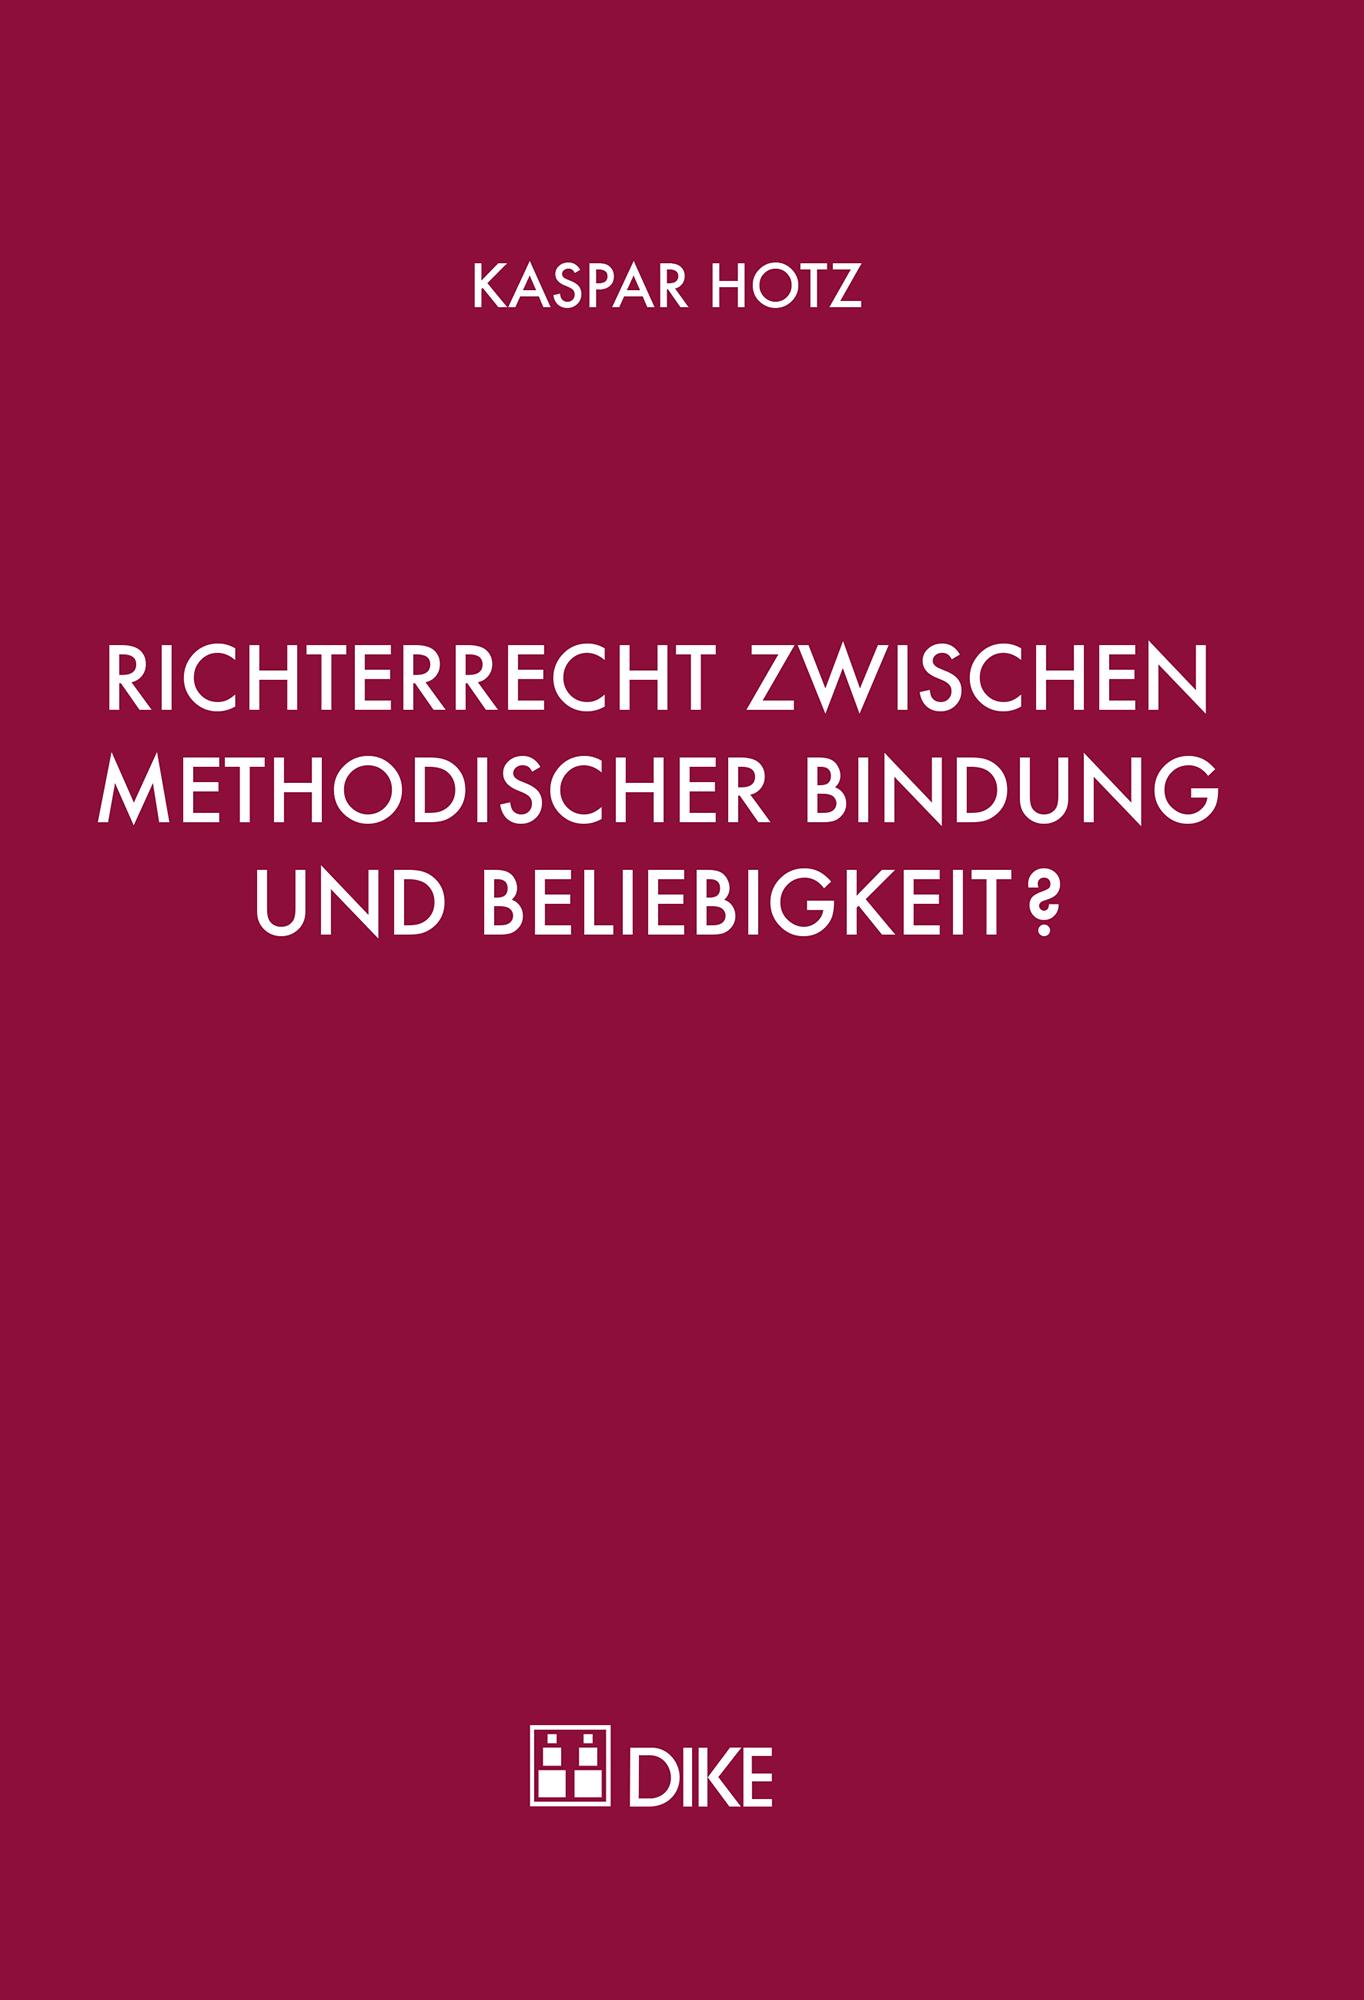 Richterrecht zwischen methodischer Bindung und Beliebigkeit?